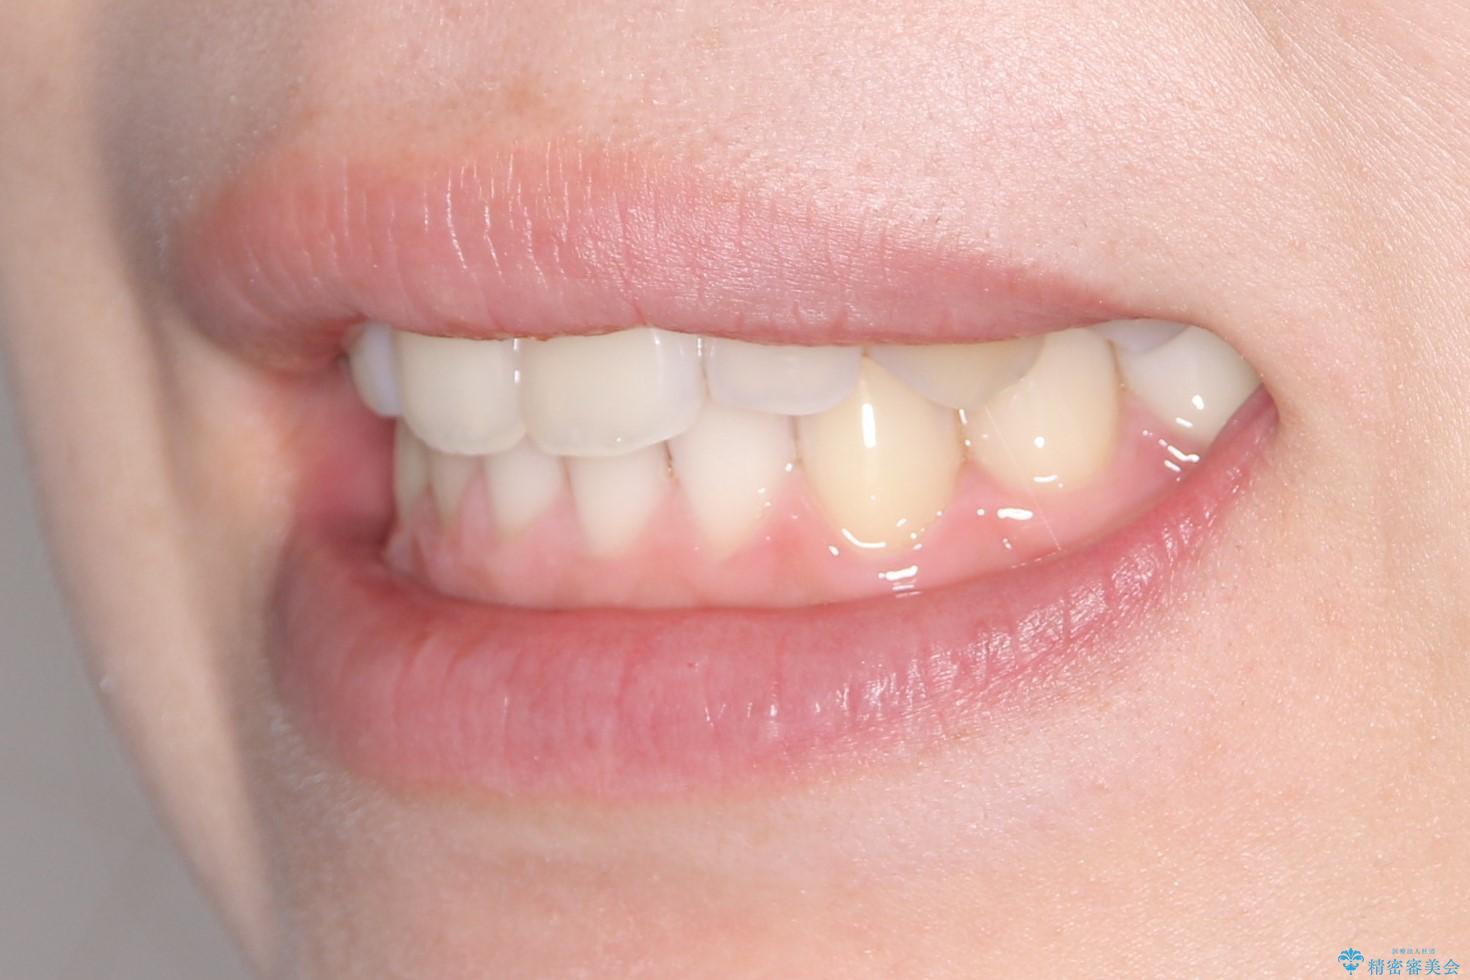 インビザラインでスキッ歯をきれいになおす invisalignの治療後(顔貌)